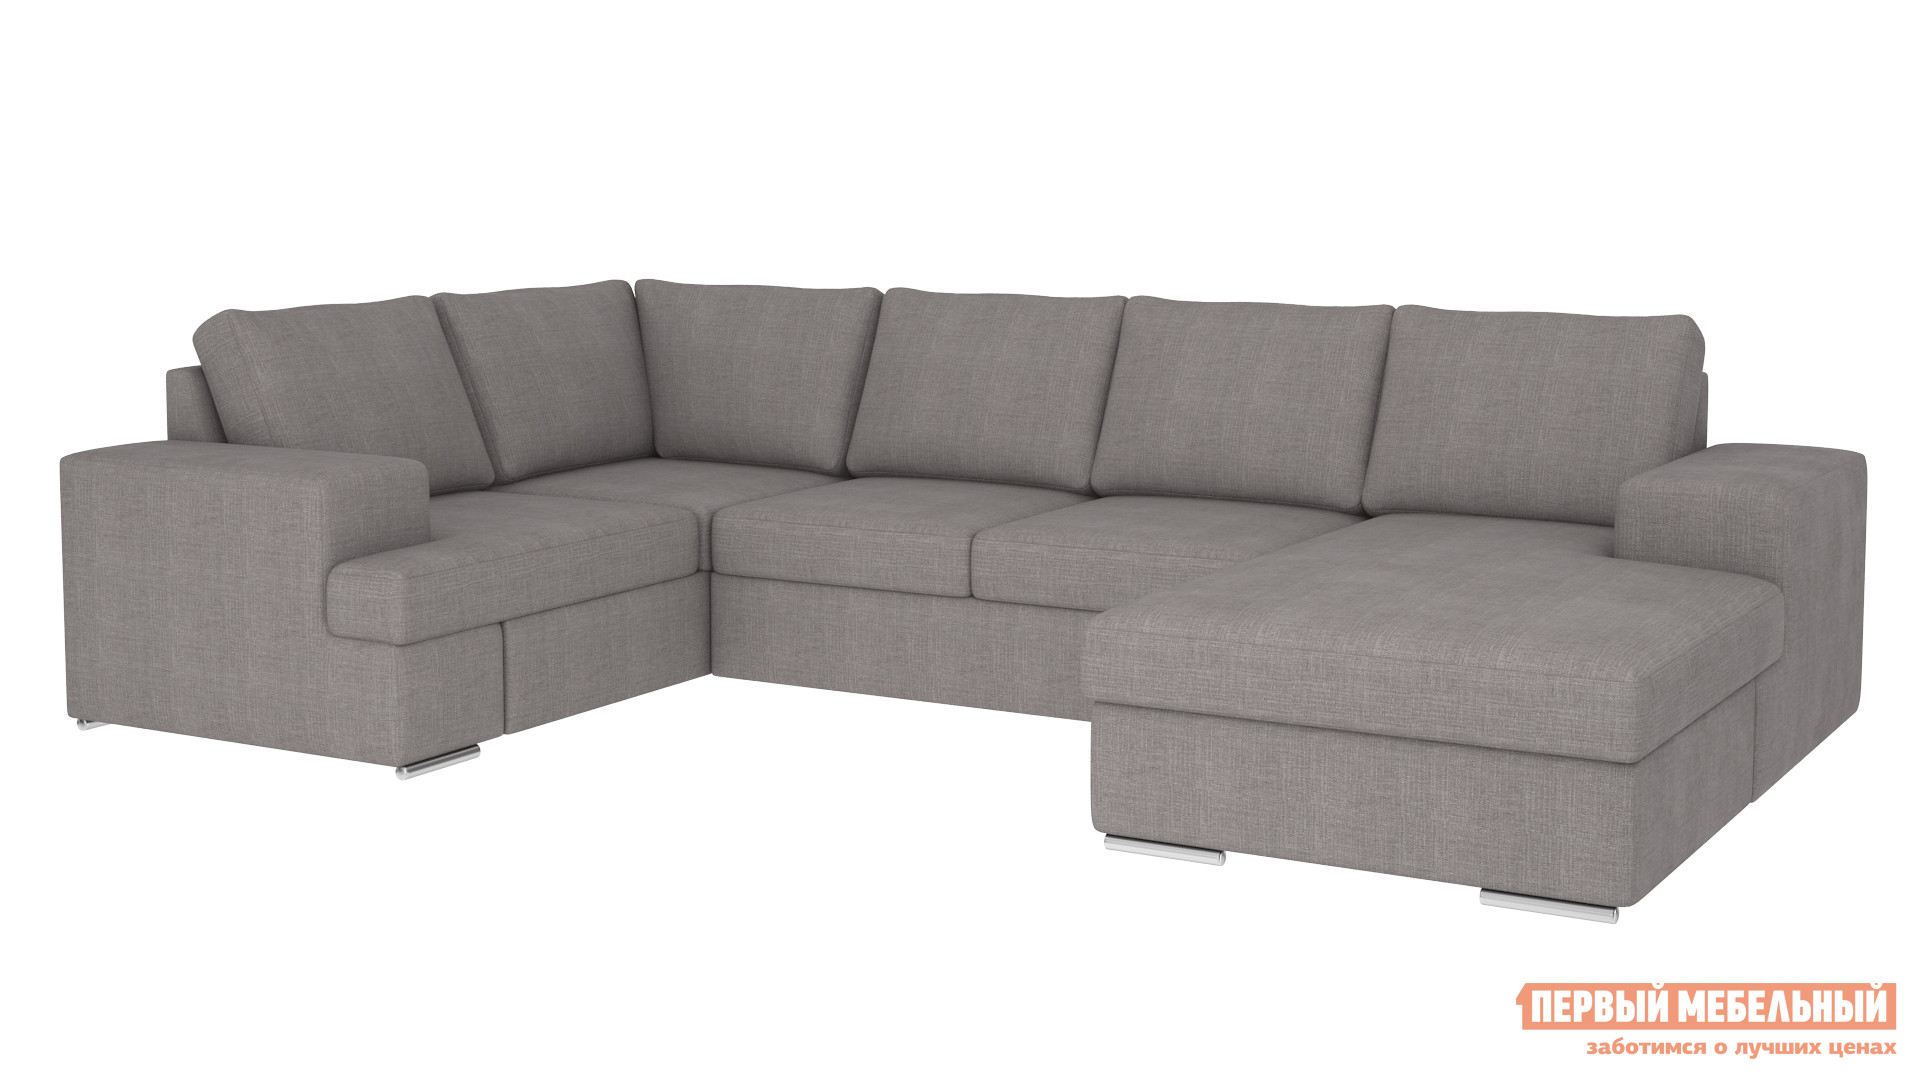 Диван Первый Мебельный Диван Тетрис Комфорт П-образный угол диван п образный угловой aria